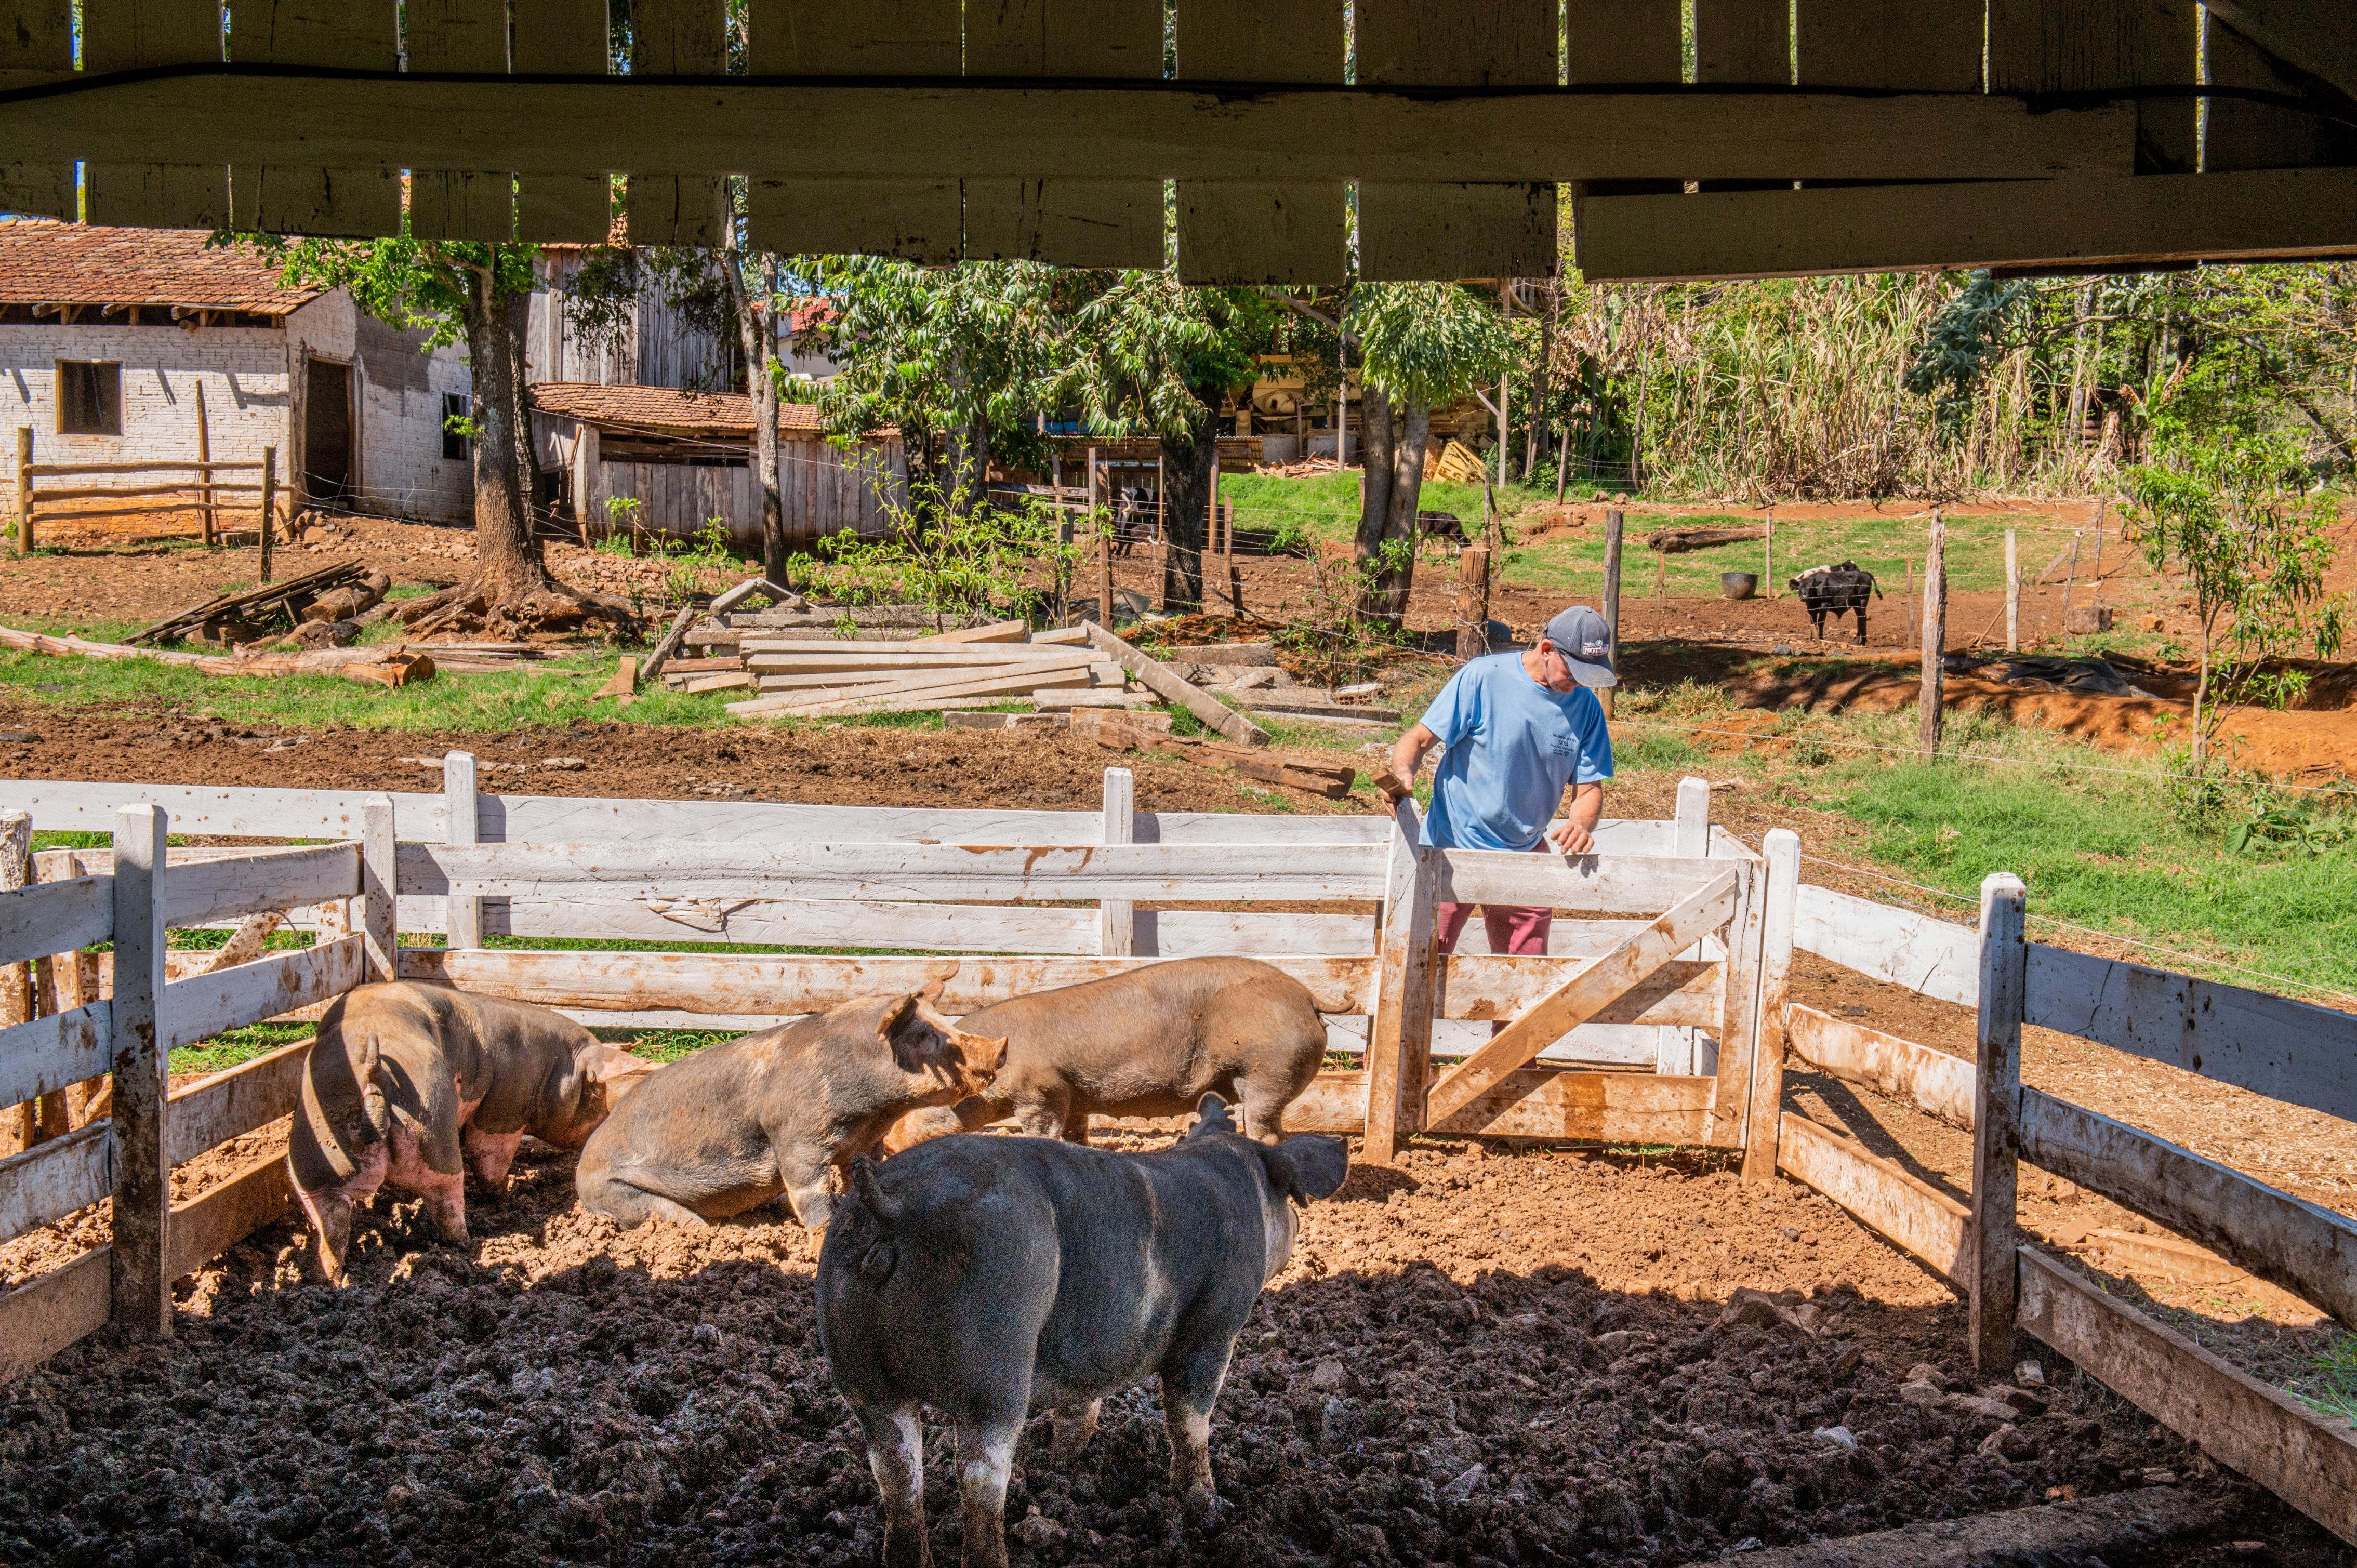 Os porcos do projeto Santan são criados de maneira natural, com alimentos orgânicos. Foto: Divulgação